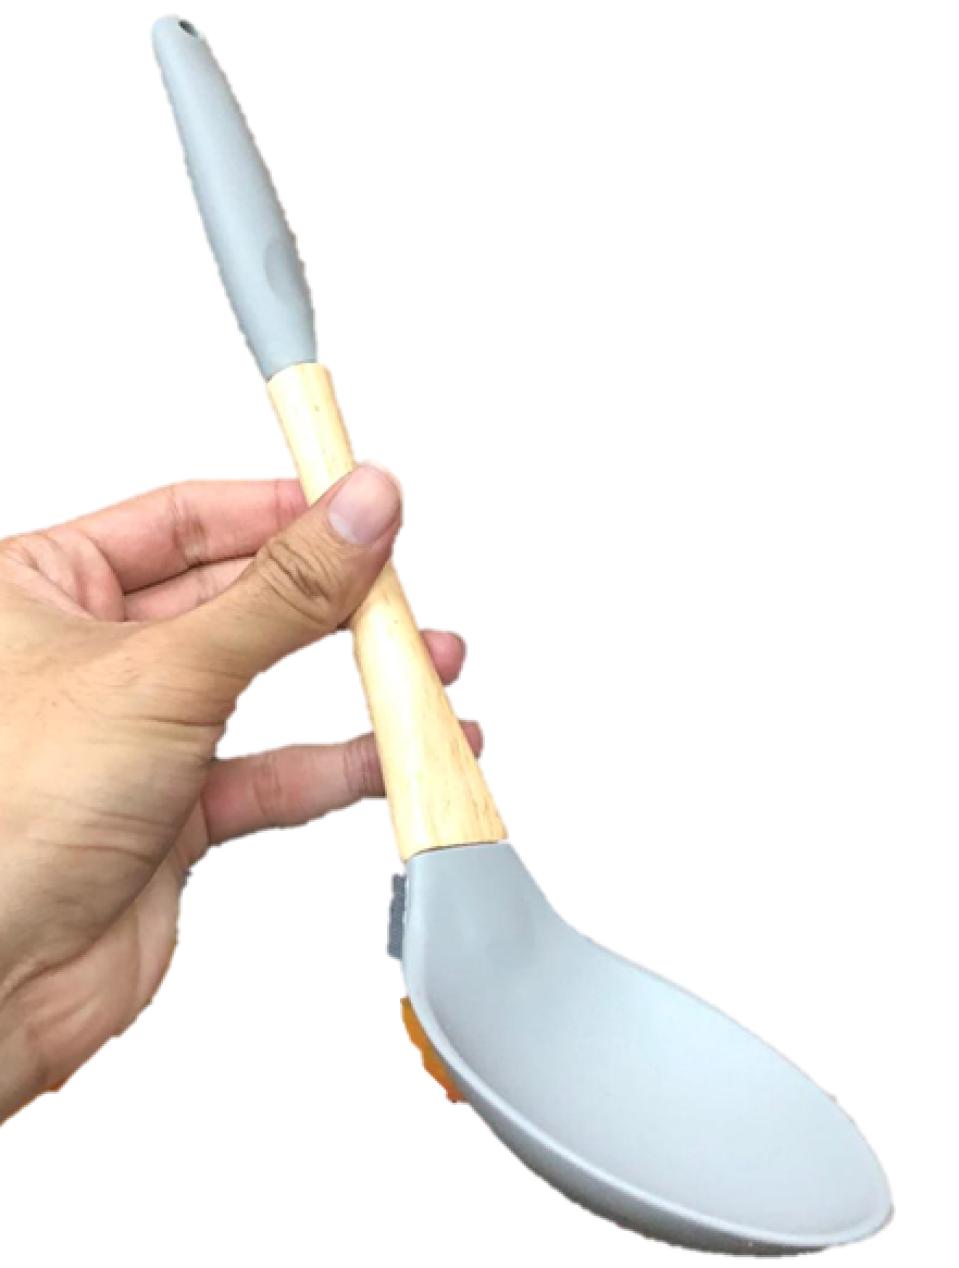 Colher de silicone para servir cozinhar arroz madeira 32cm azul utensílio de cozinha